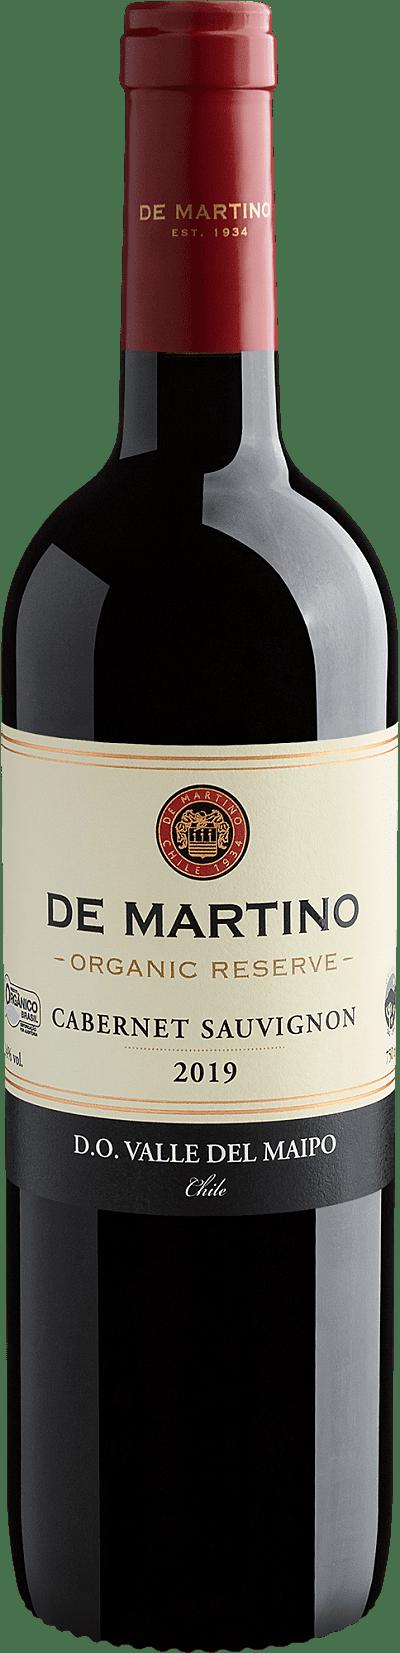 Vinho Tinto - De Martino Organic Reserve Cabernet Sauvignon Valle del Maipo D.O. 2019 Cabernet Sauvignon - Chile